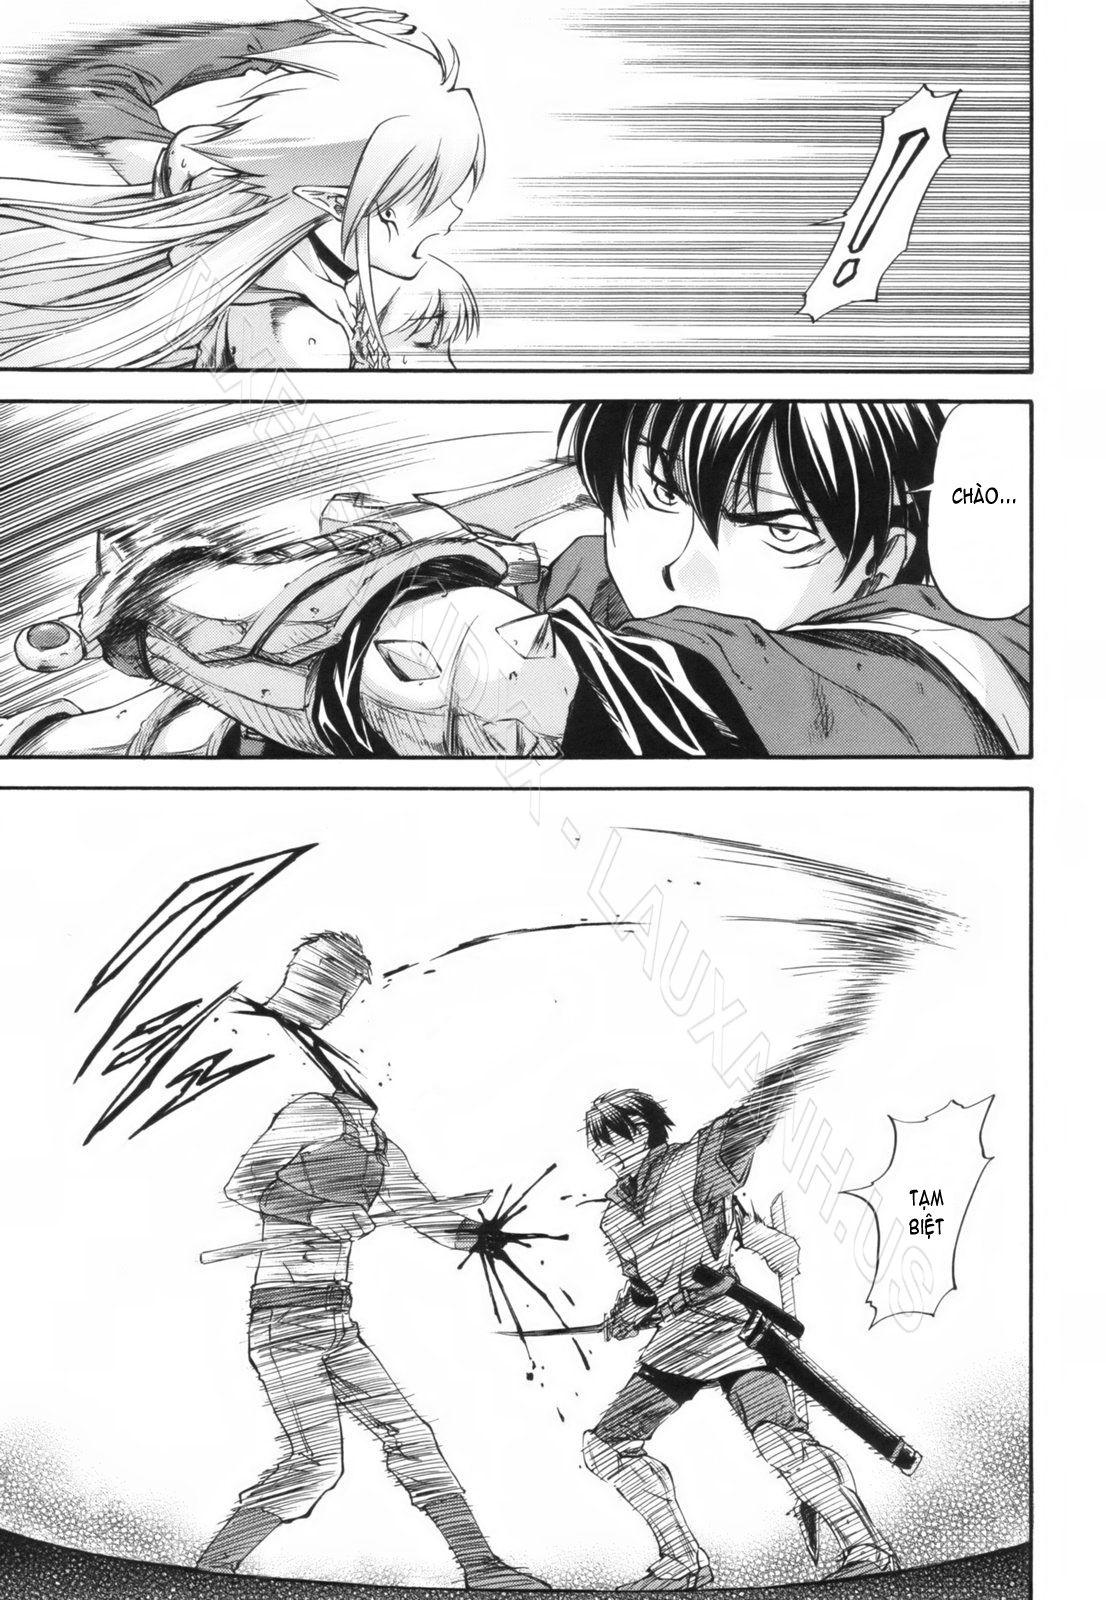 Hình ảnh Hinh_028 trong bài viết Truyện tranh hentai không che: Parabellum